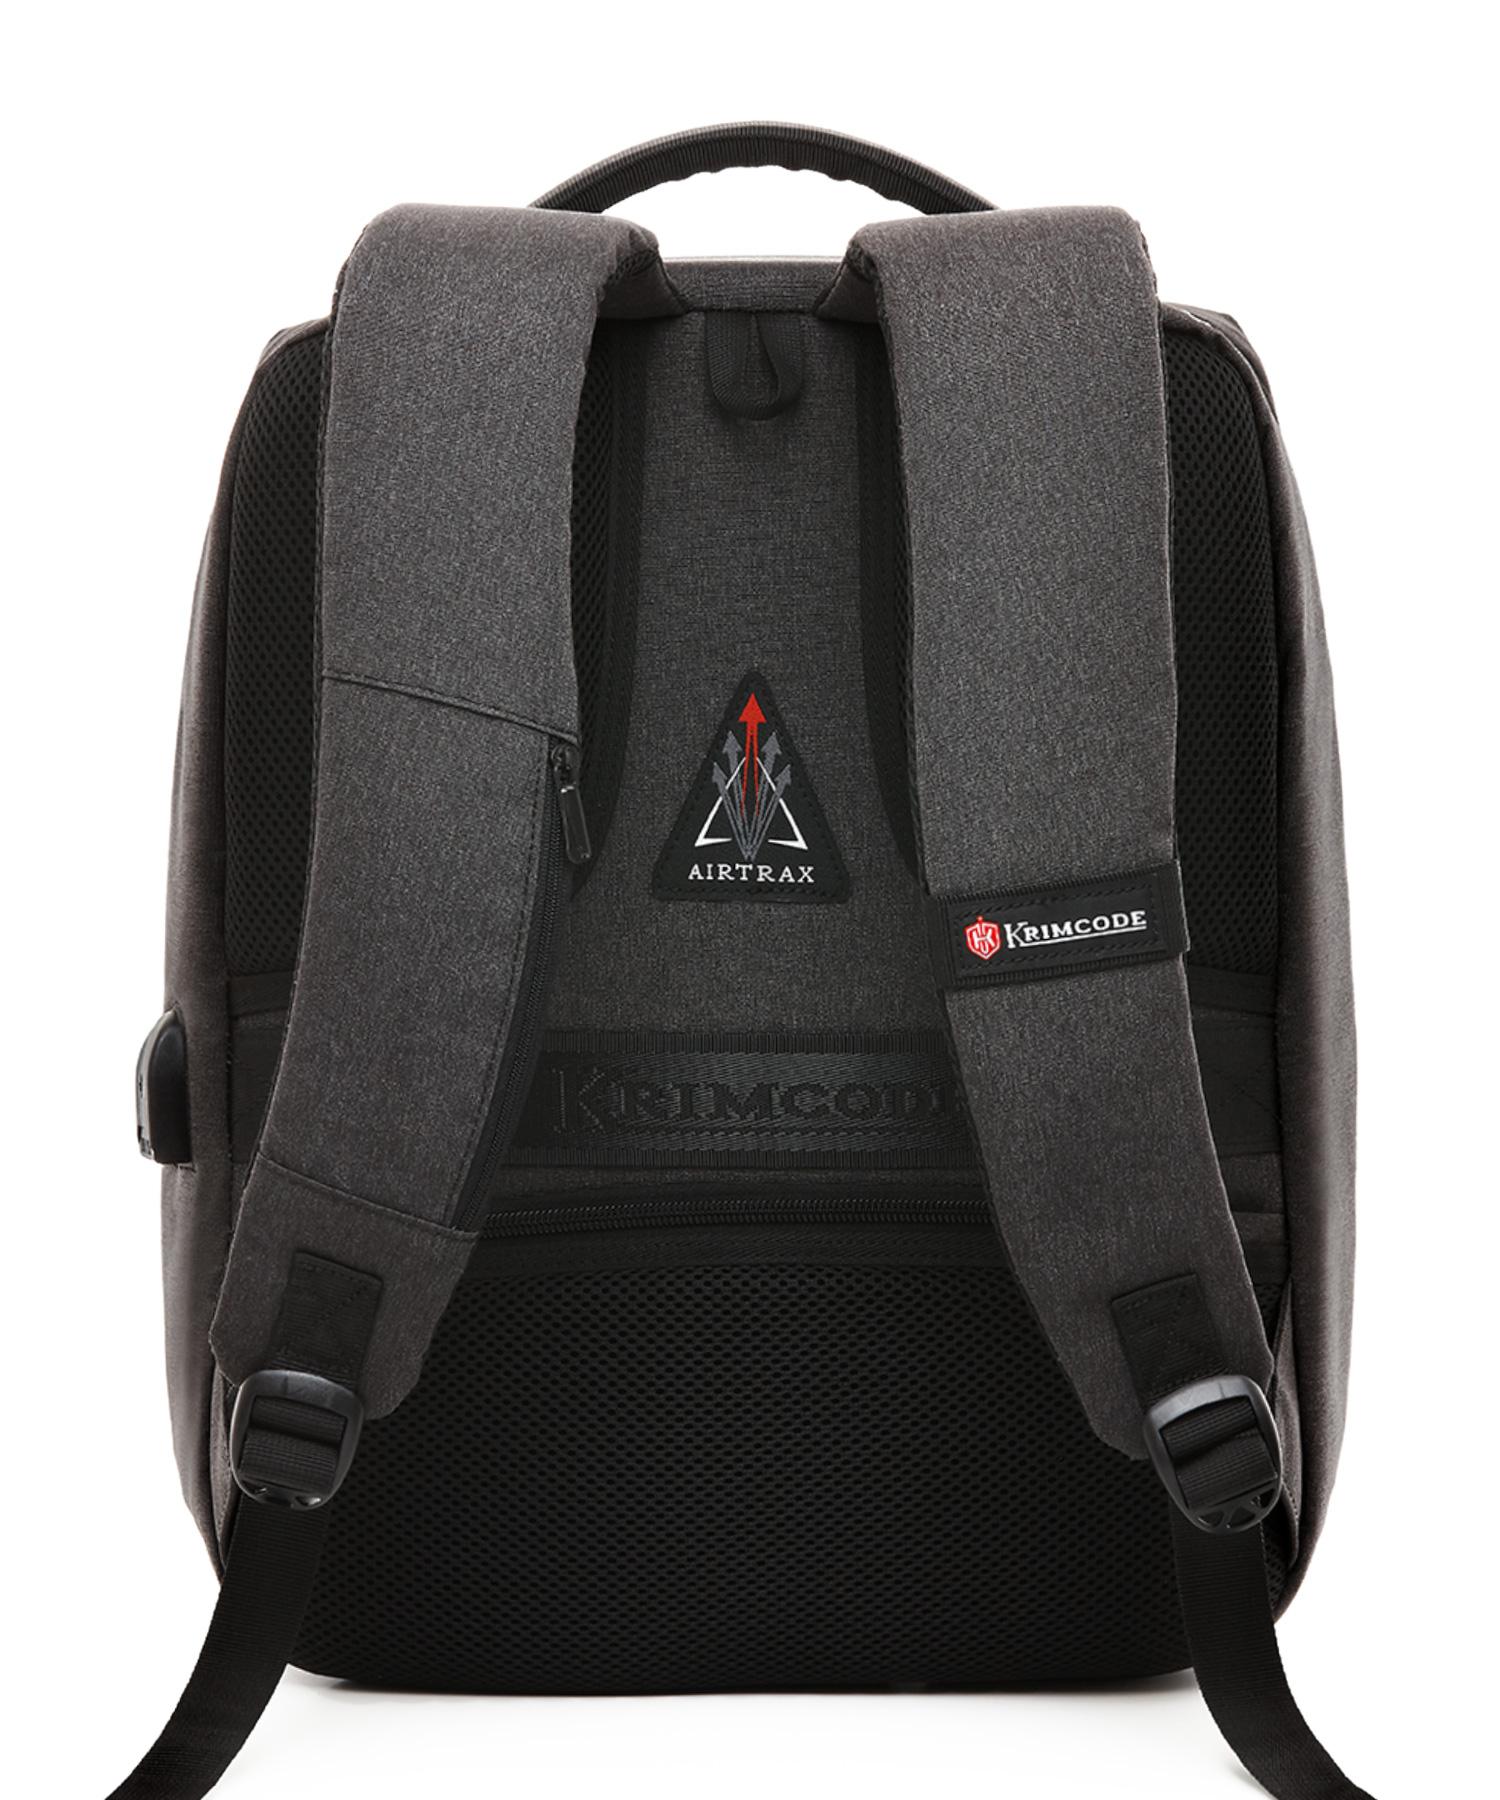 krimcode formal backpack back view